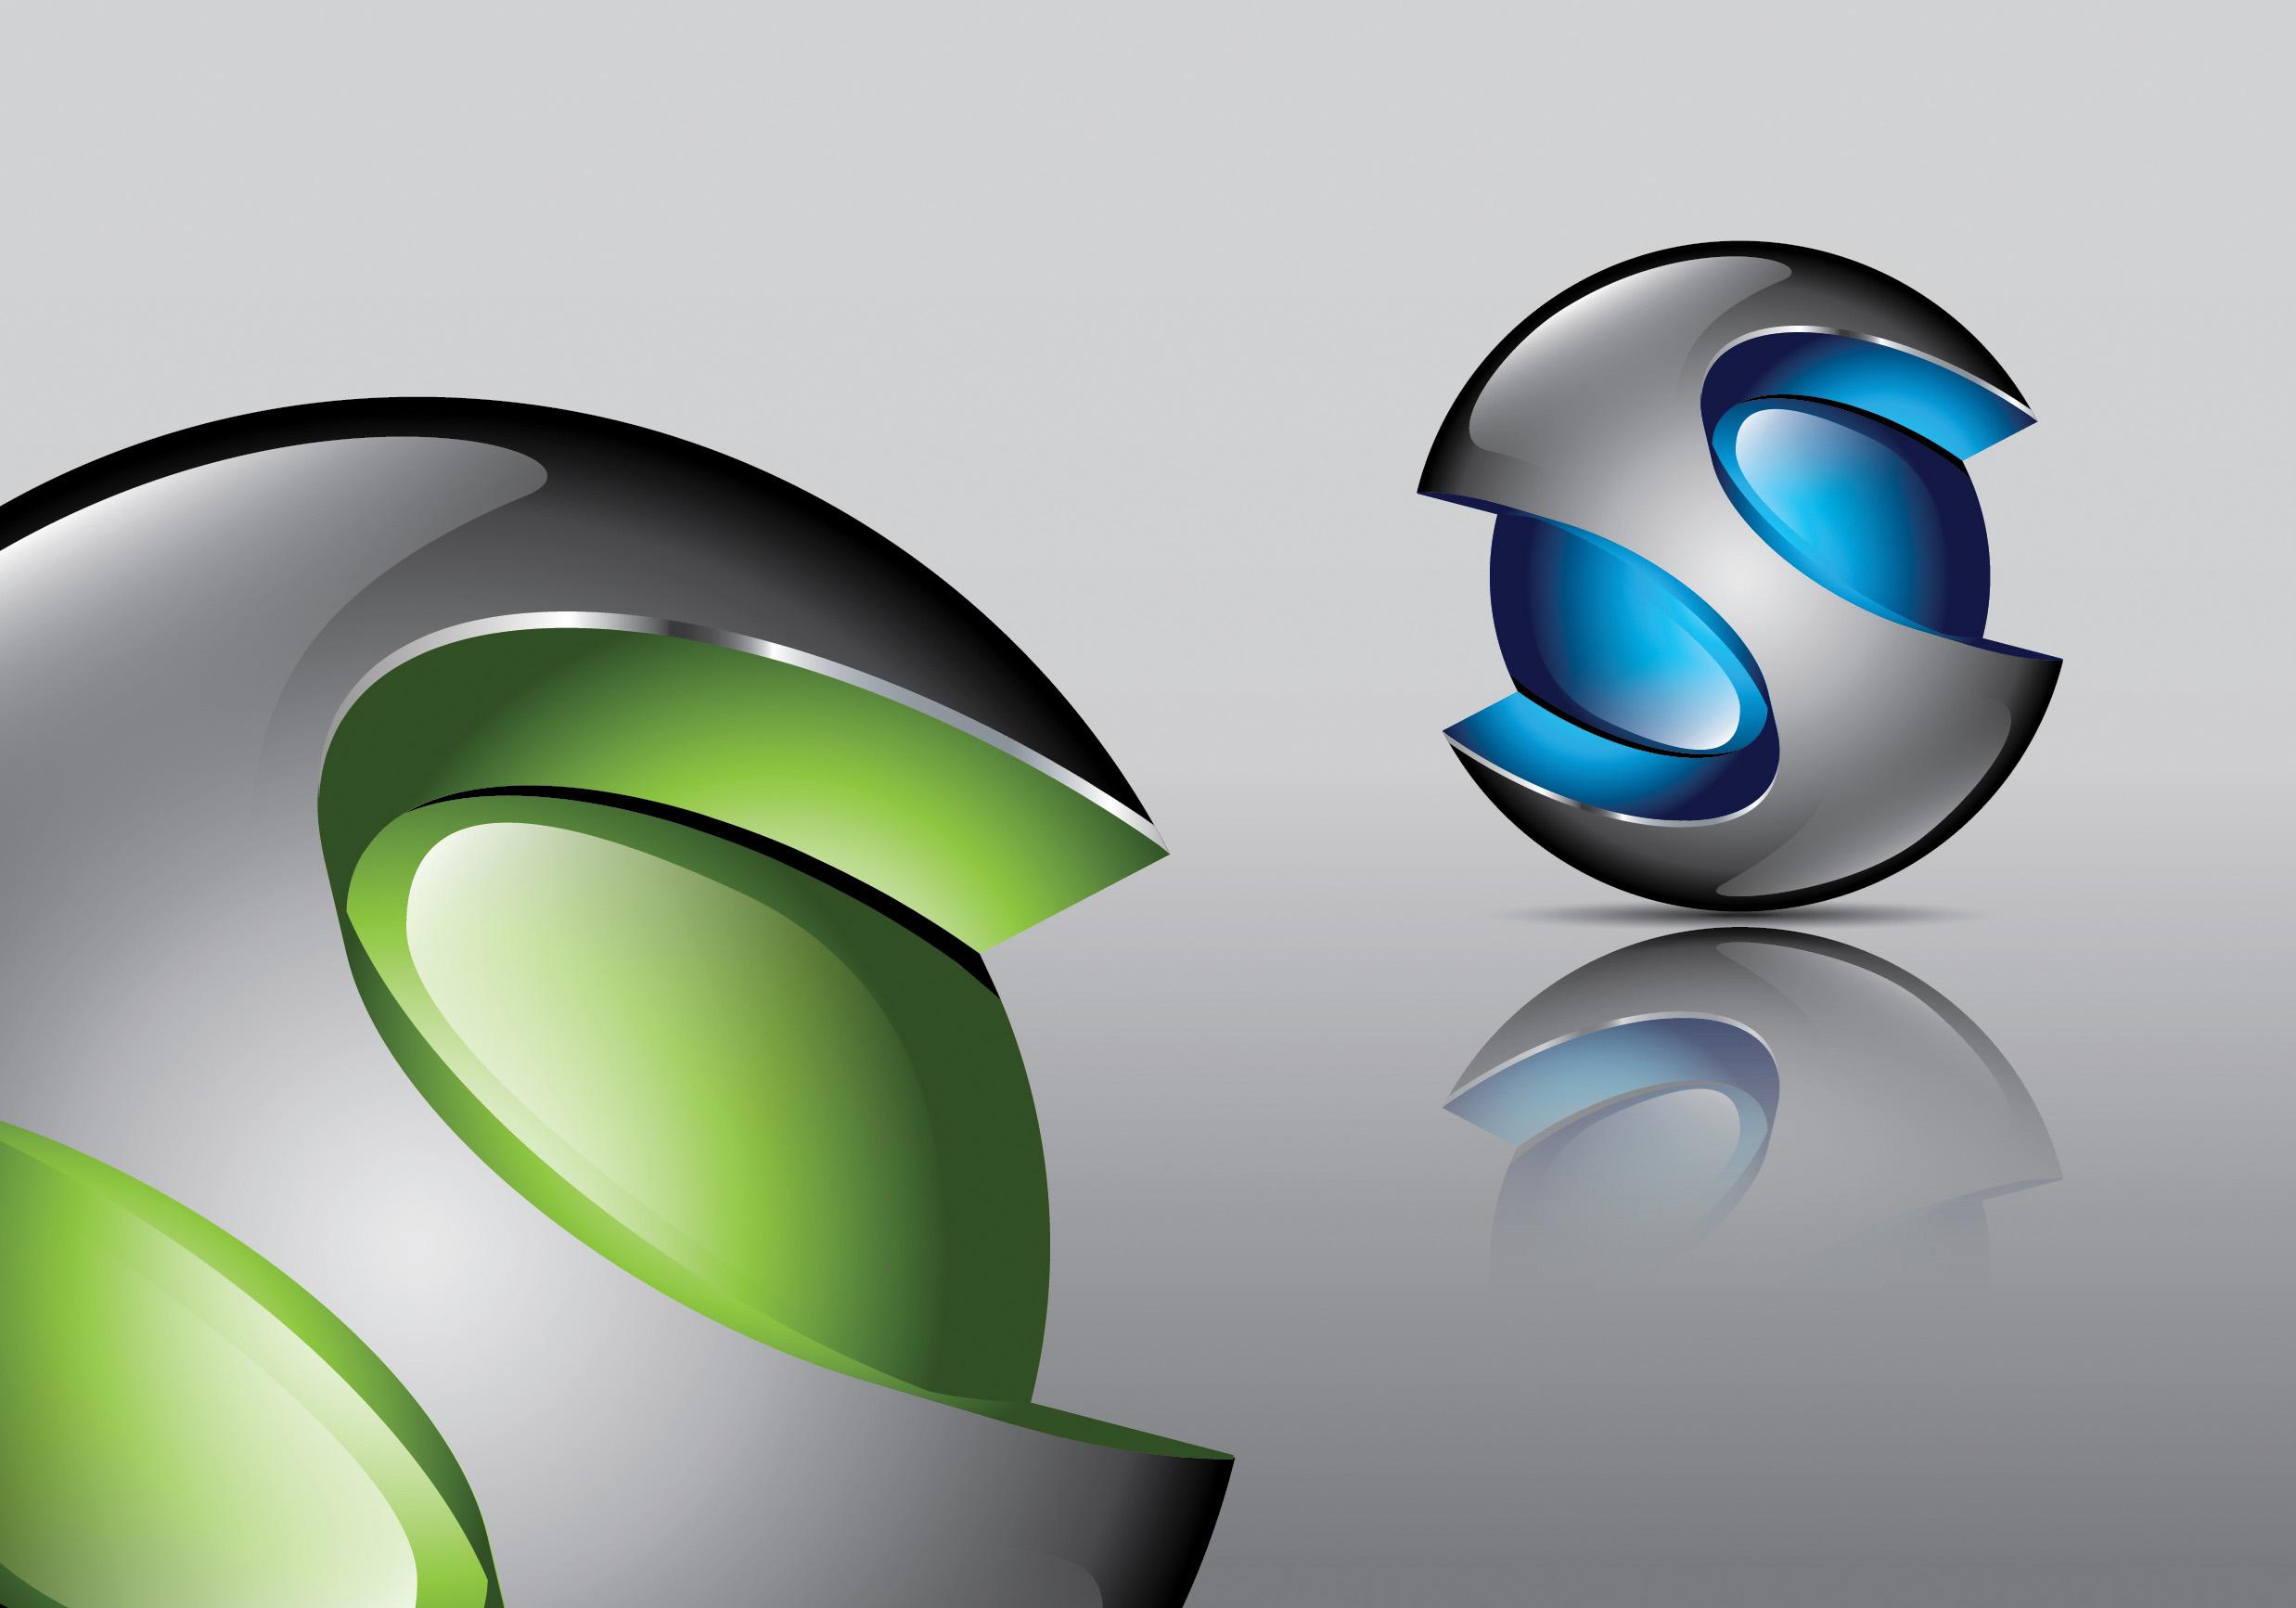 7 3D Logo Design Images